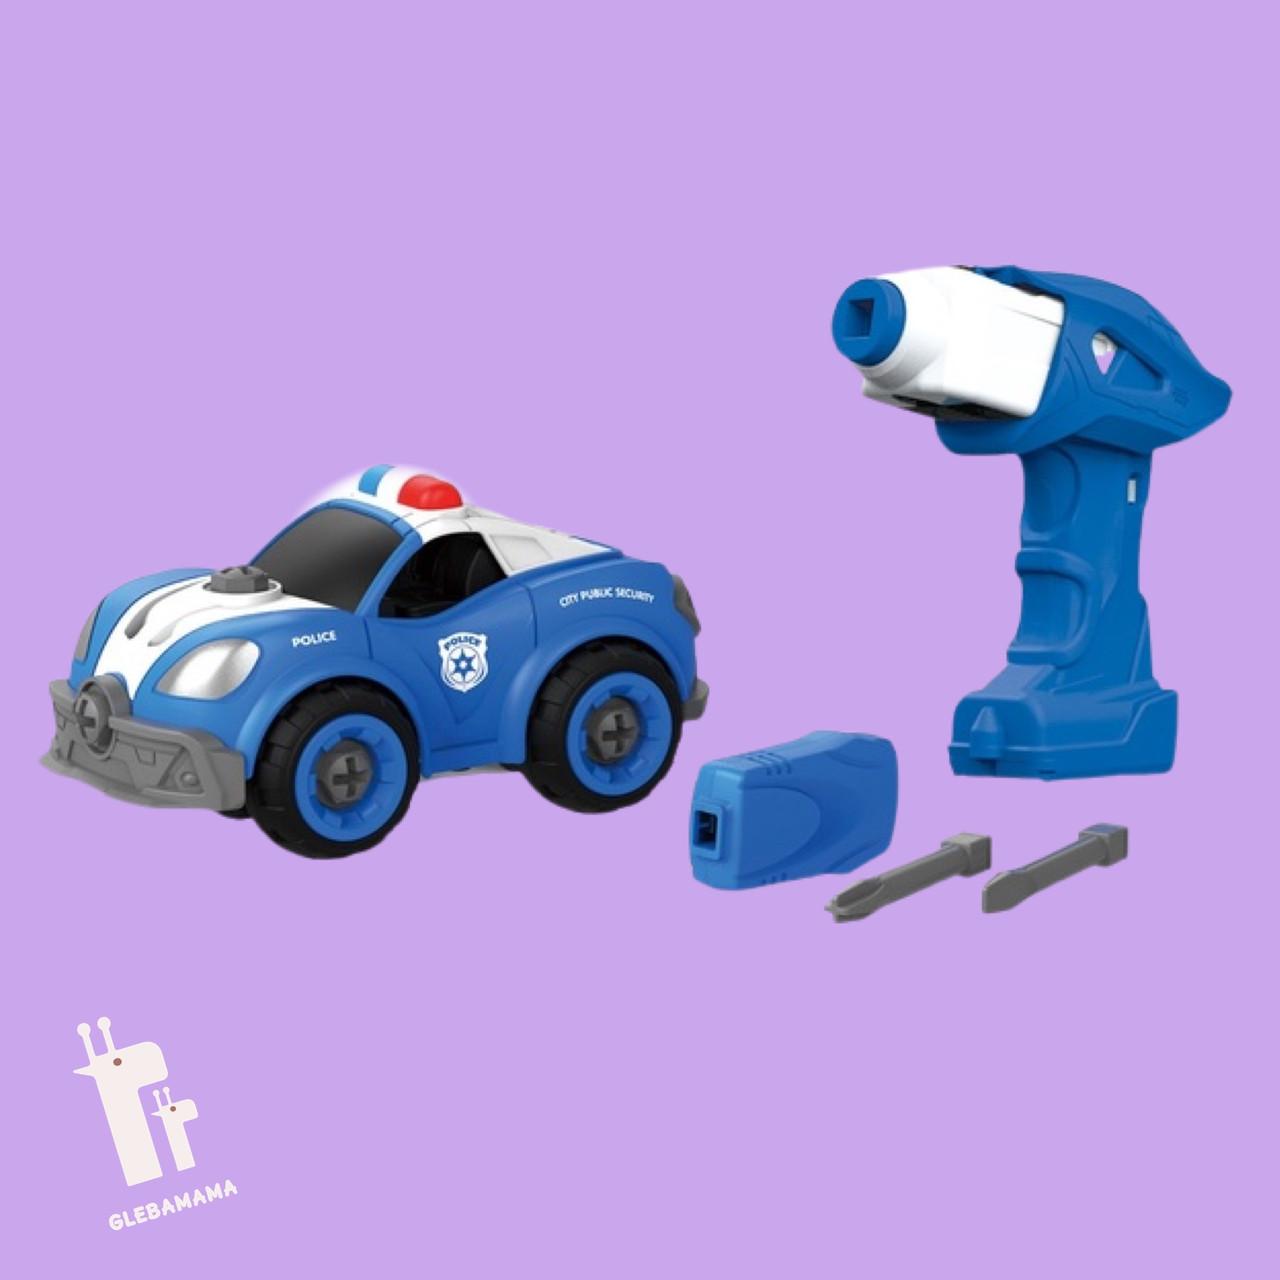 Игрушка-конструктор полицейская машина с электродвигателем DIY SPATIAL CREATIVITY, 22 детали